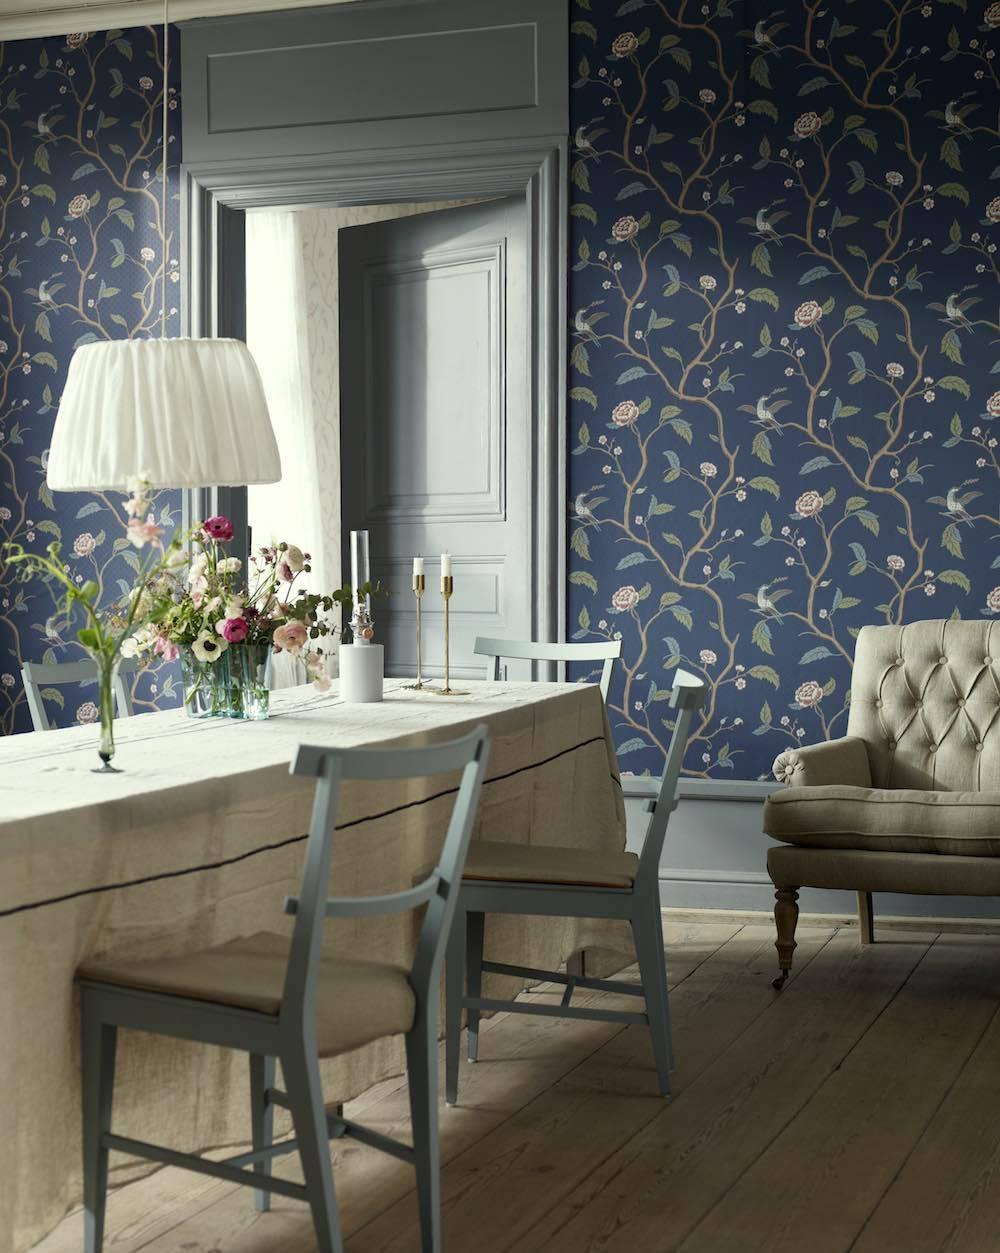 Tapete Im Schwedischen Landhausstil Mit Blumen Und Vögeln · Raumbild    Marianne Navy 401 86 Von SANDBERG Landhausstil ...